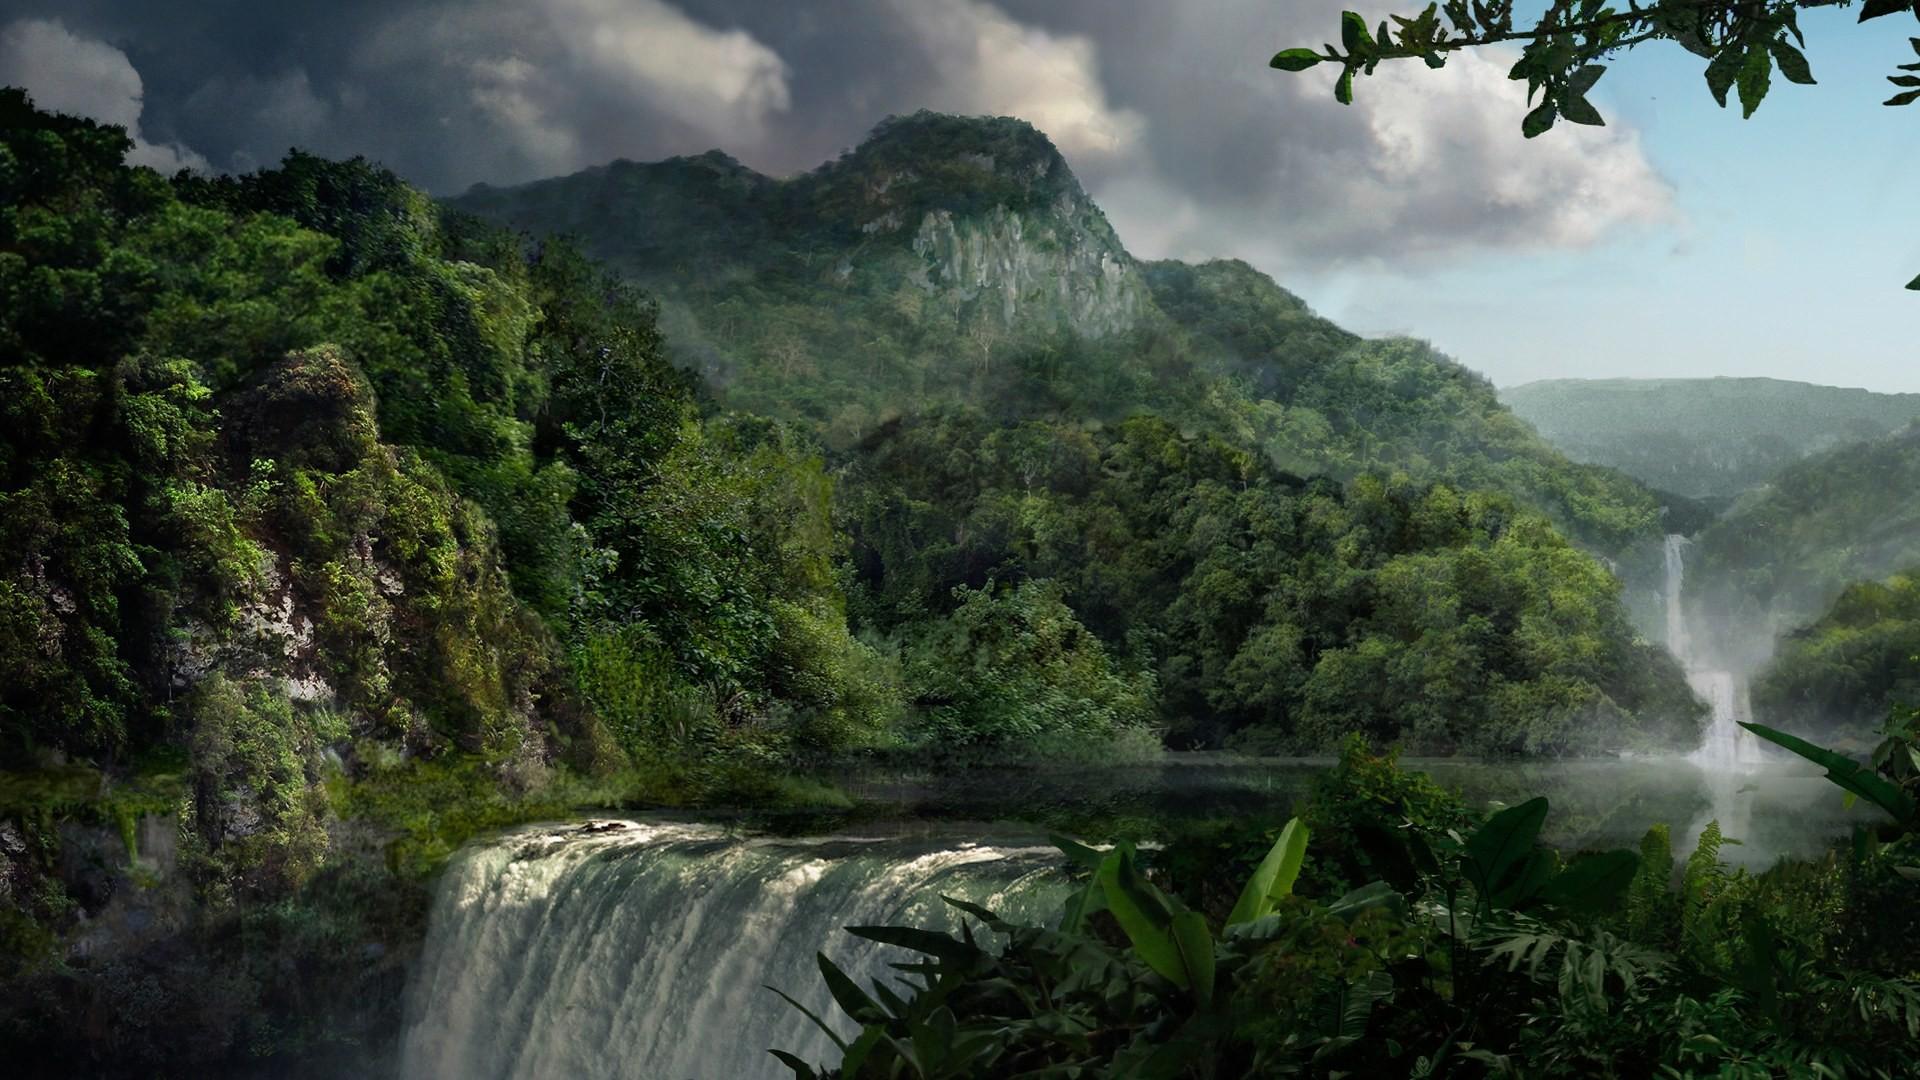 Desktop Backgrounds Landscape